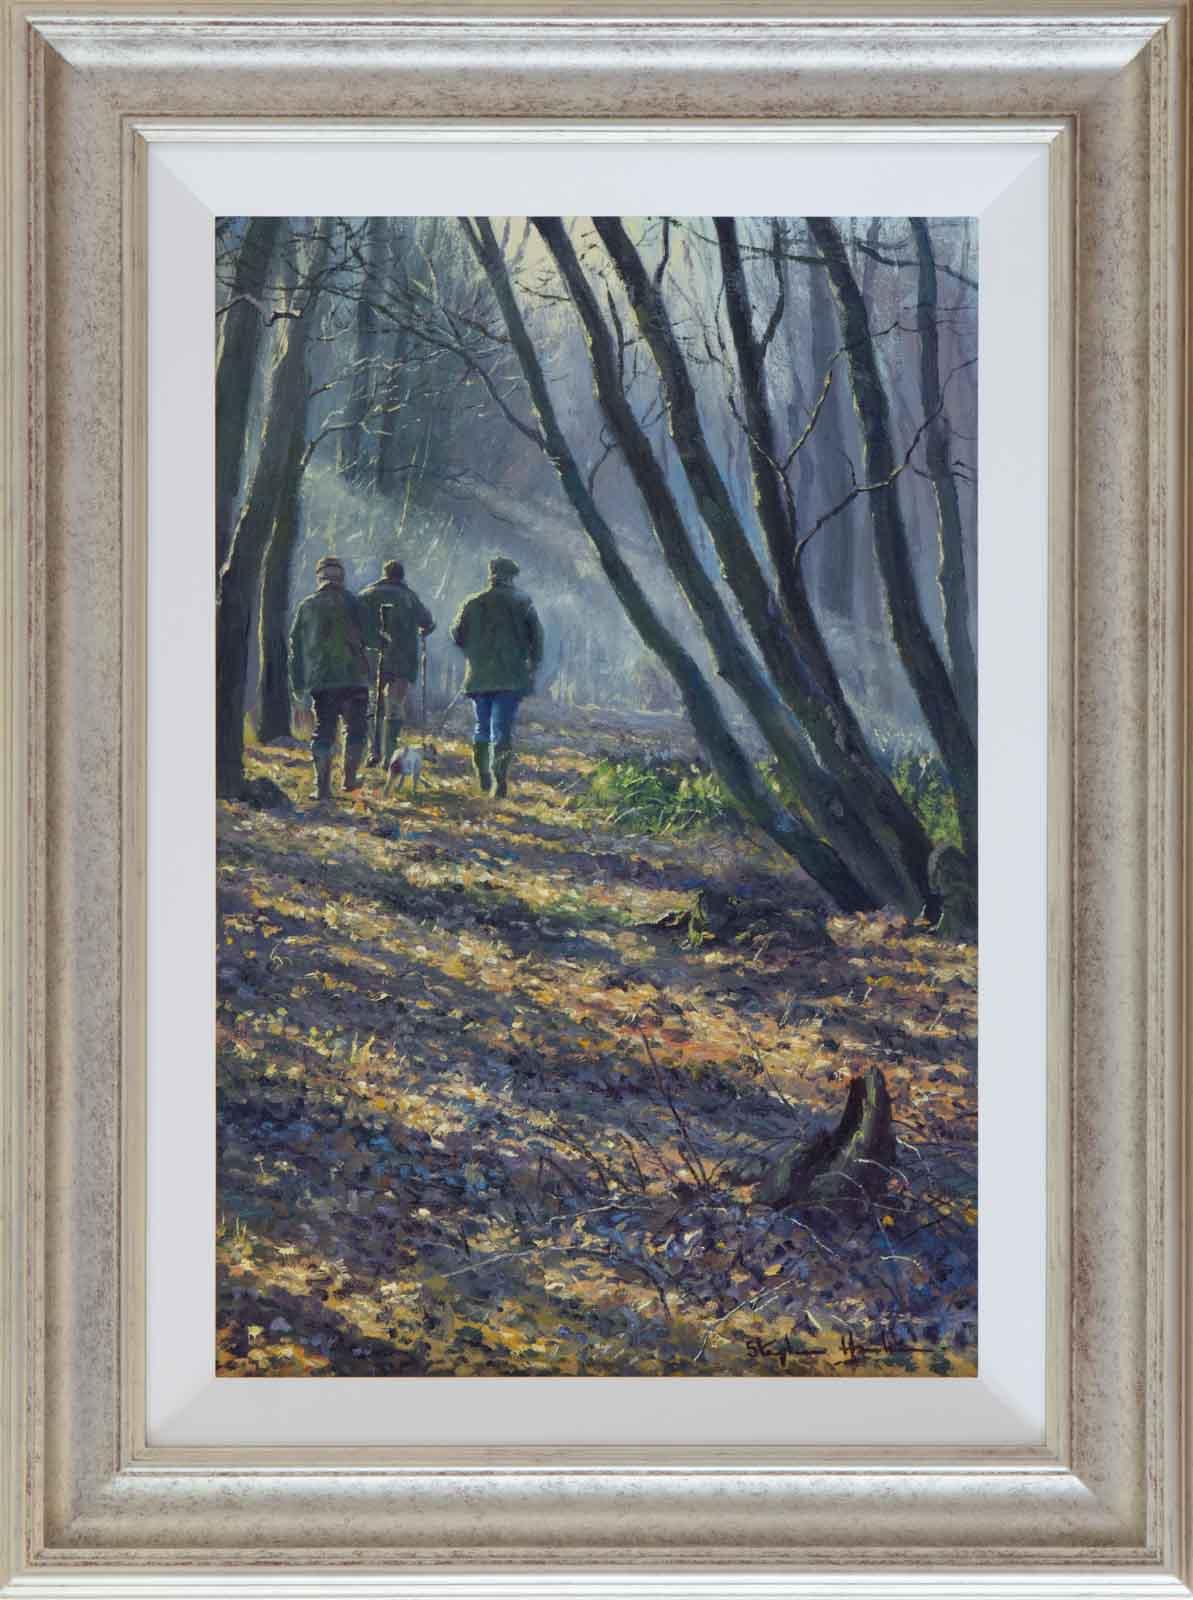 Woodland Stroll, Stephen Hawkins